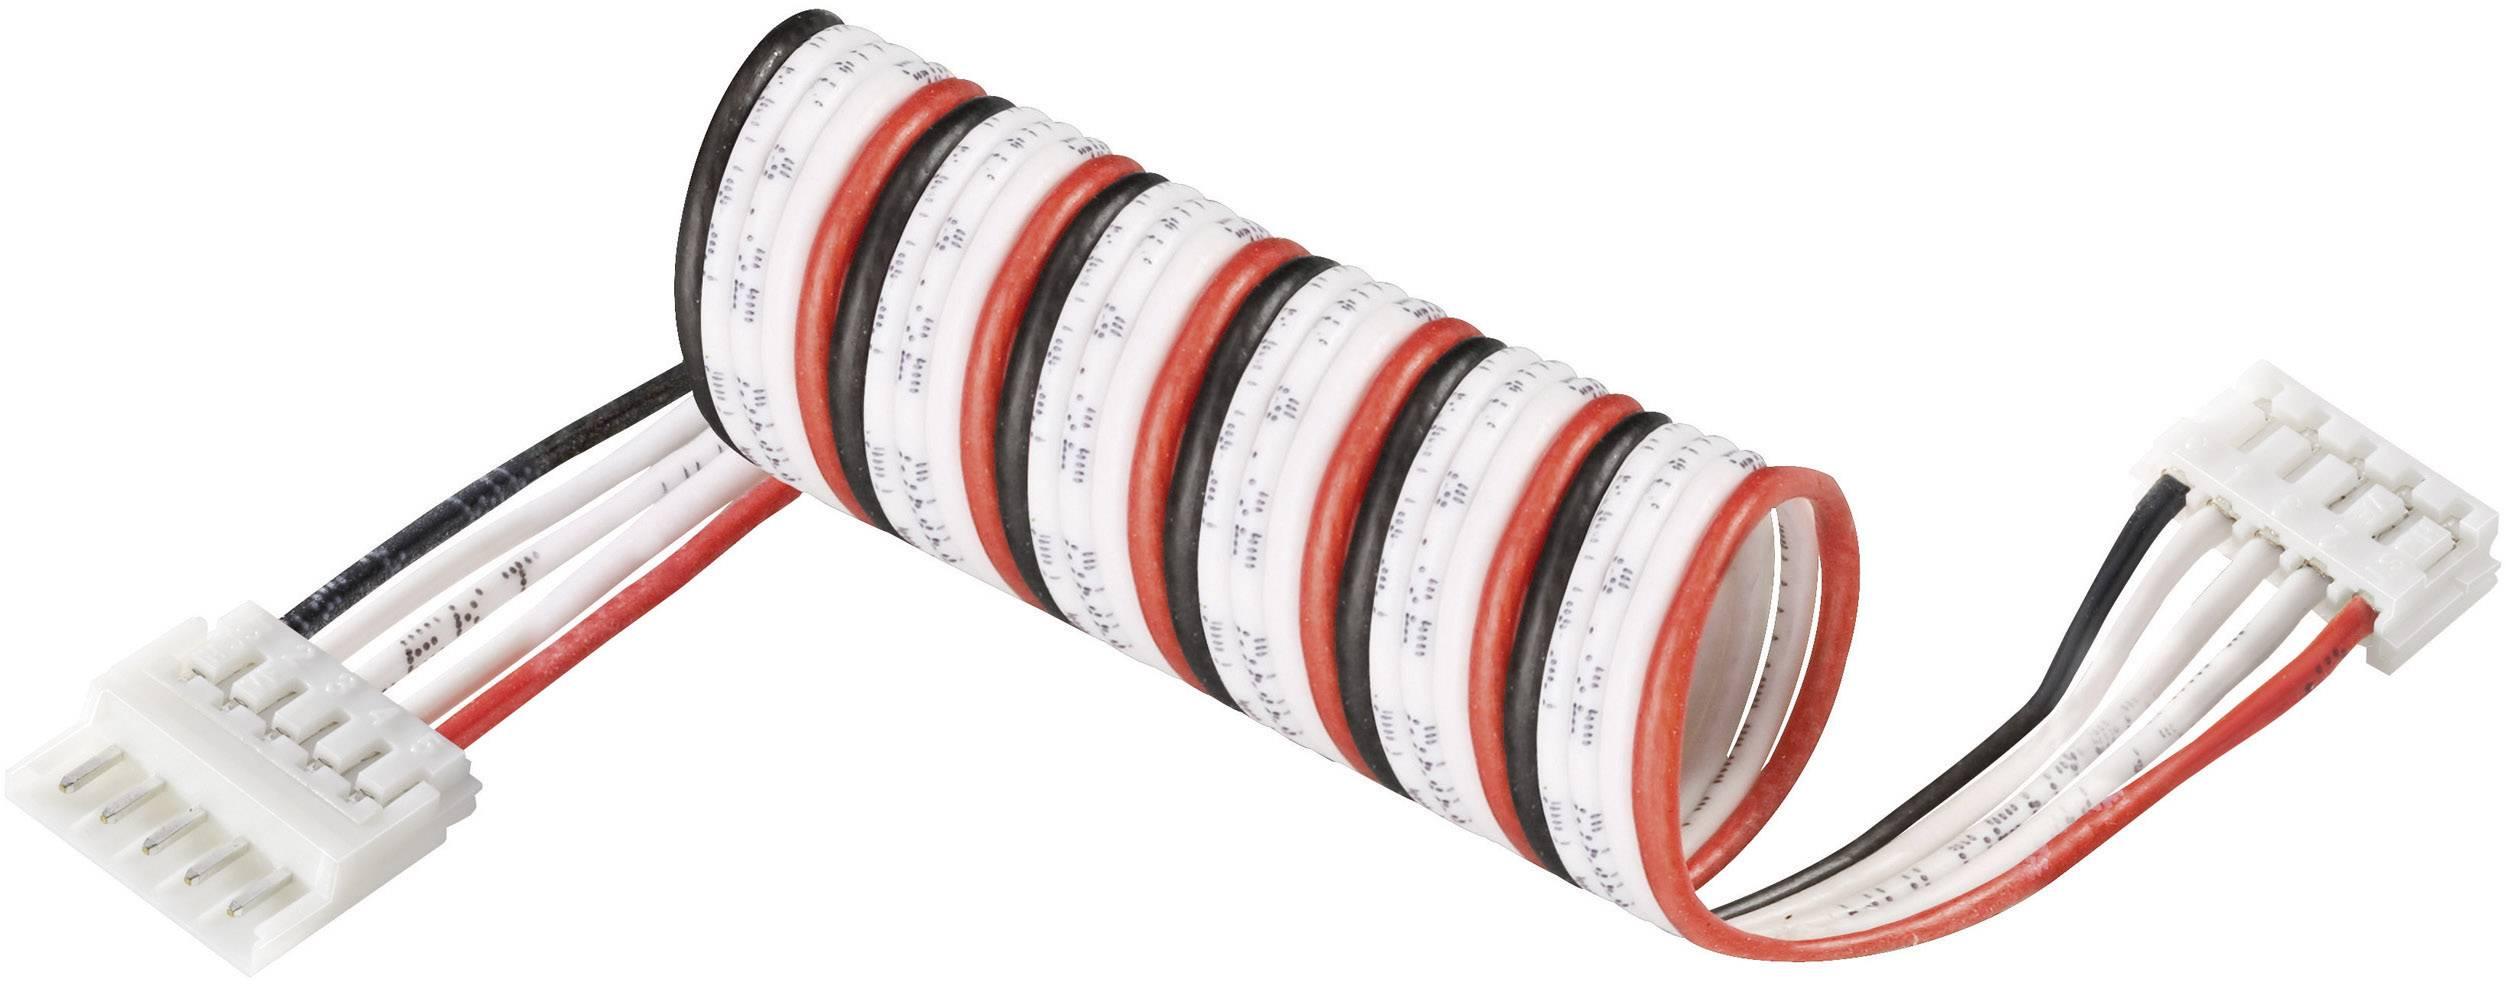 Modelářství LiPo-balancer- prodlužovací kabely